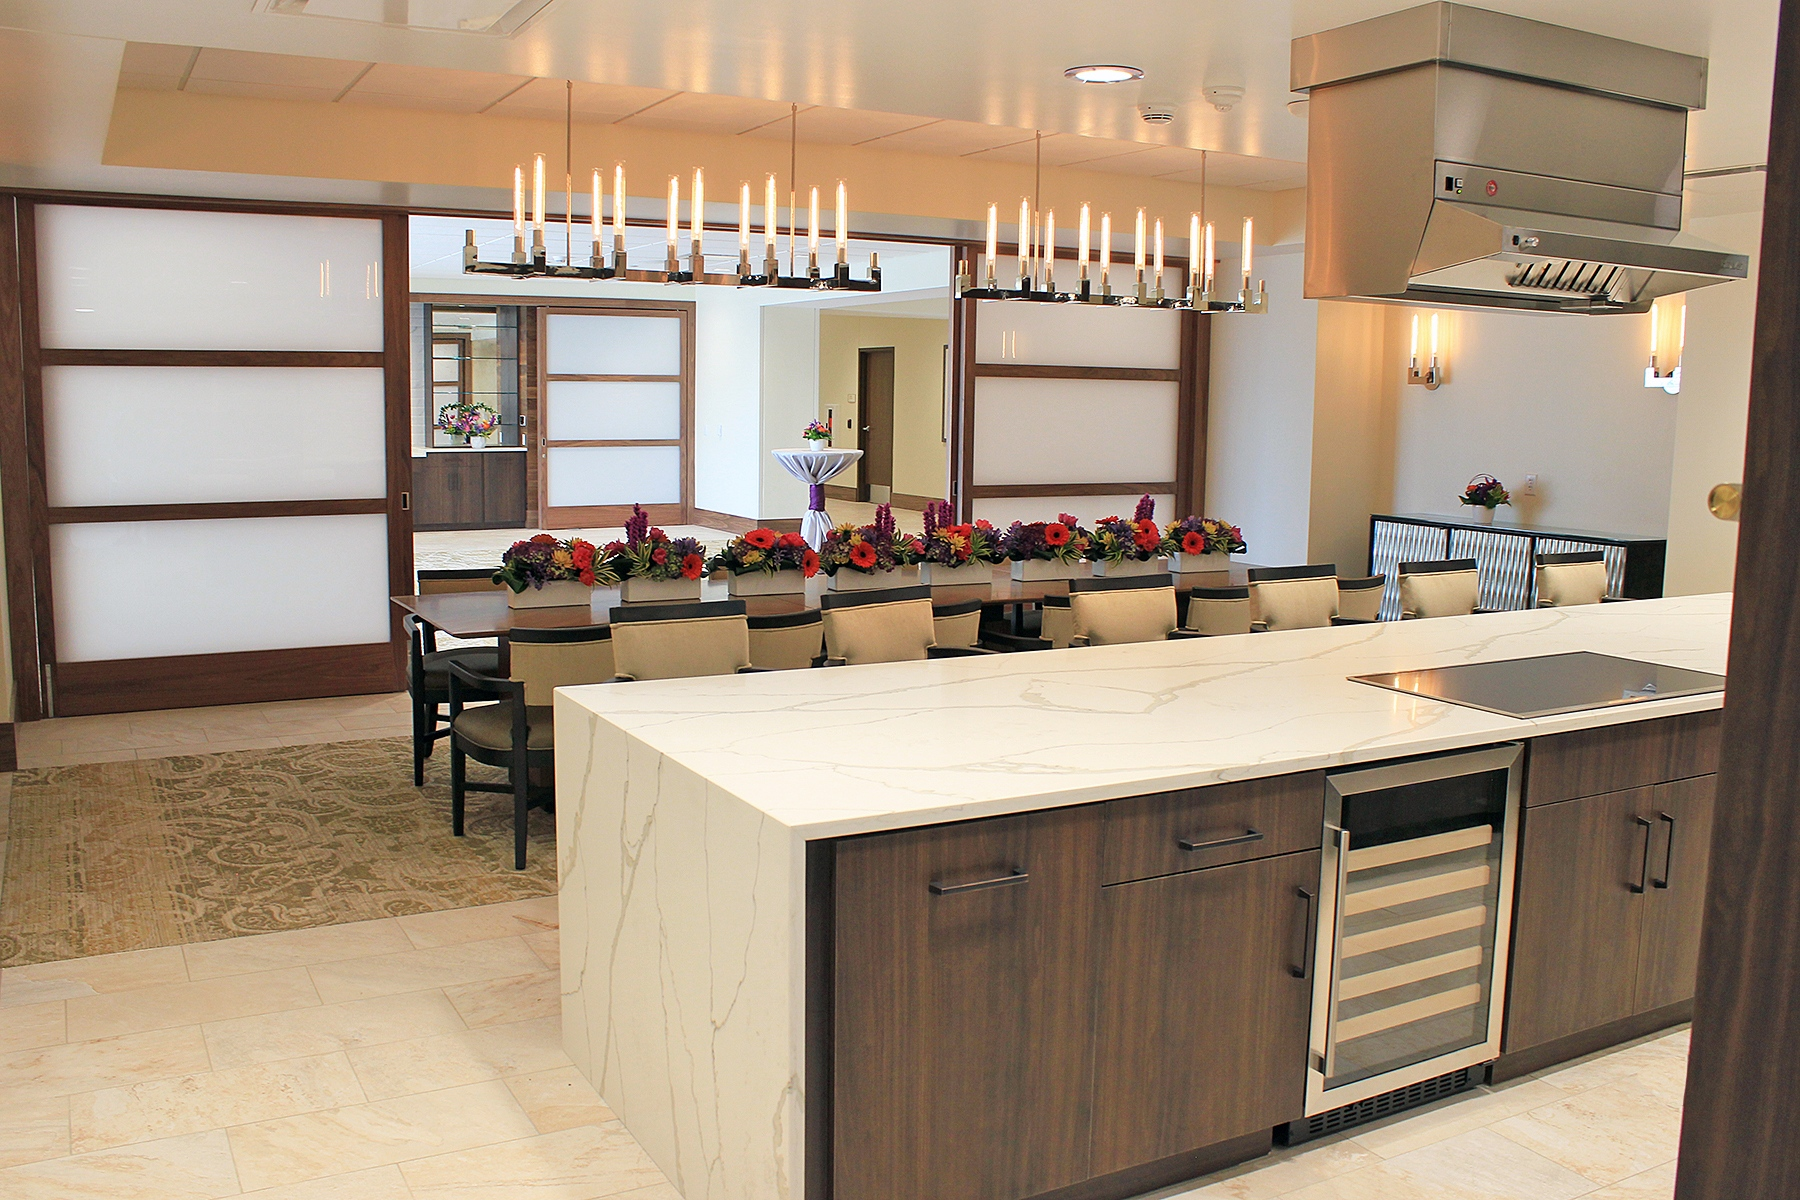 Saint John's Phase 3 - Show-Kitchen-